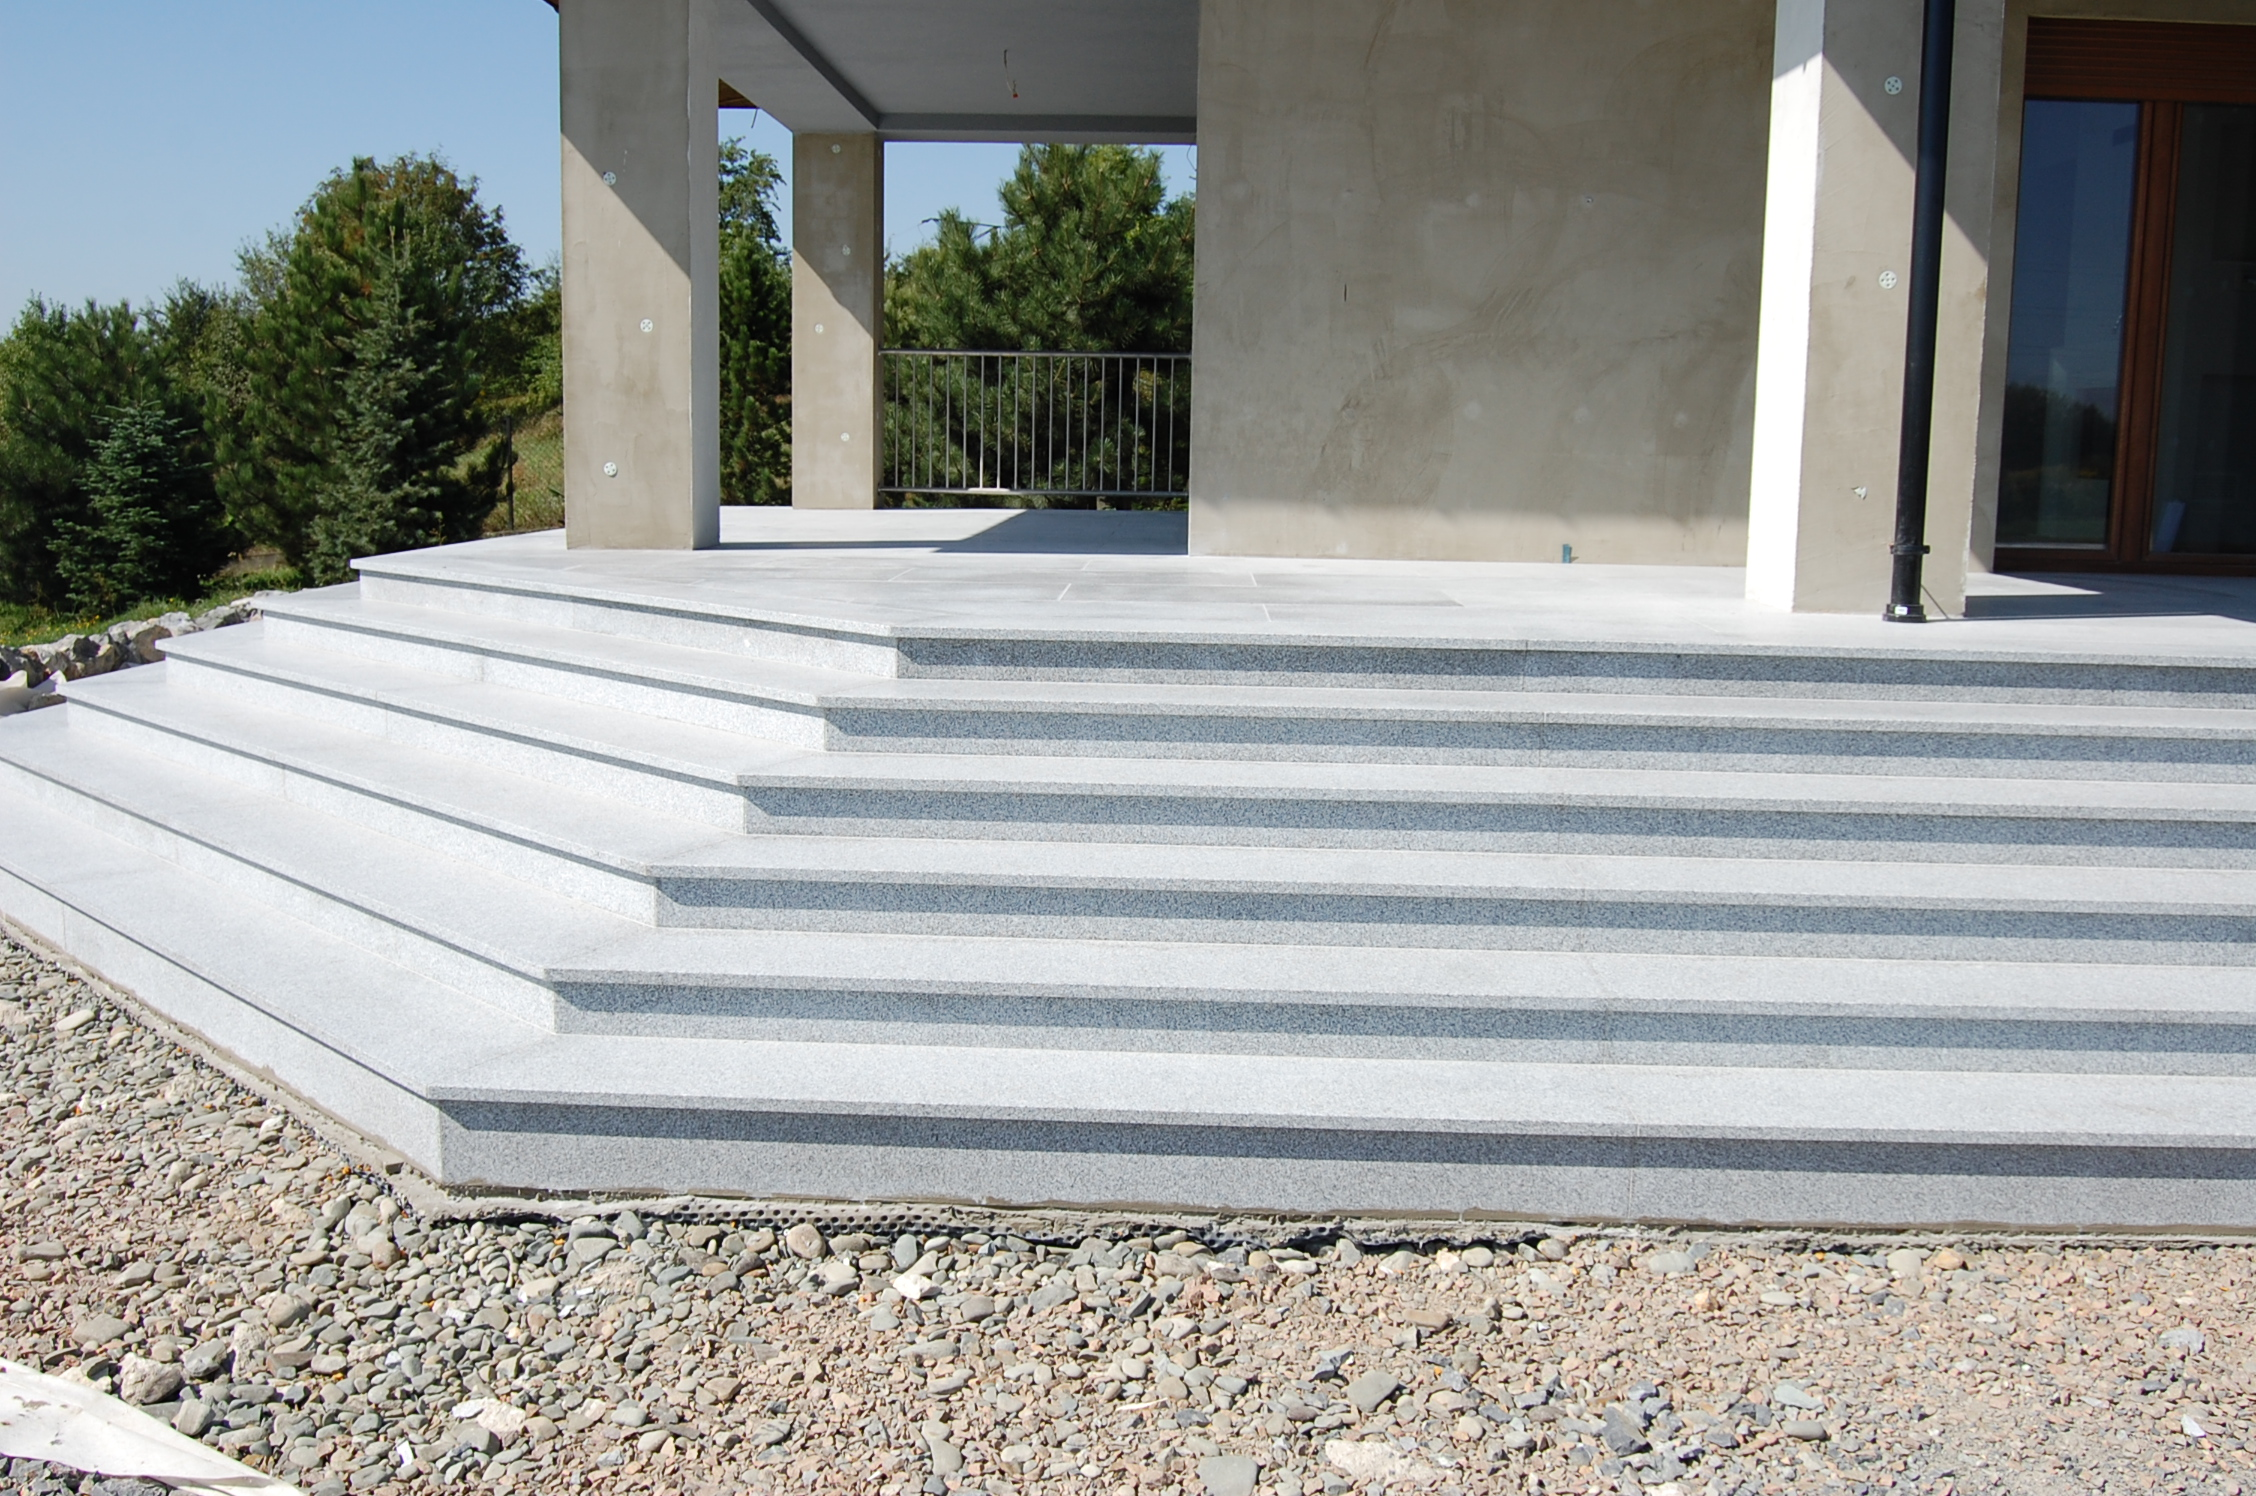 Chłodny Jaki kamień na schody zewnętrzne i wewnętrzne? – Fainner KT44